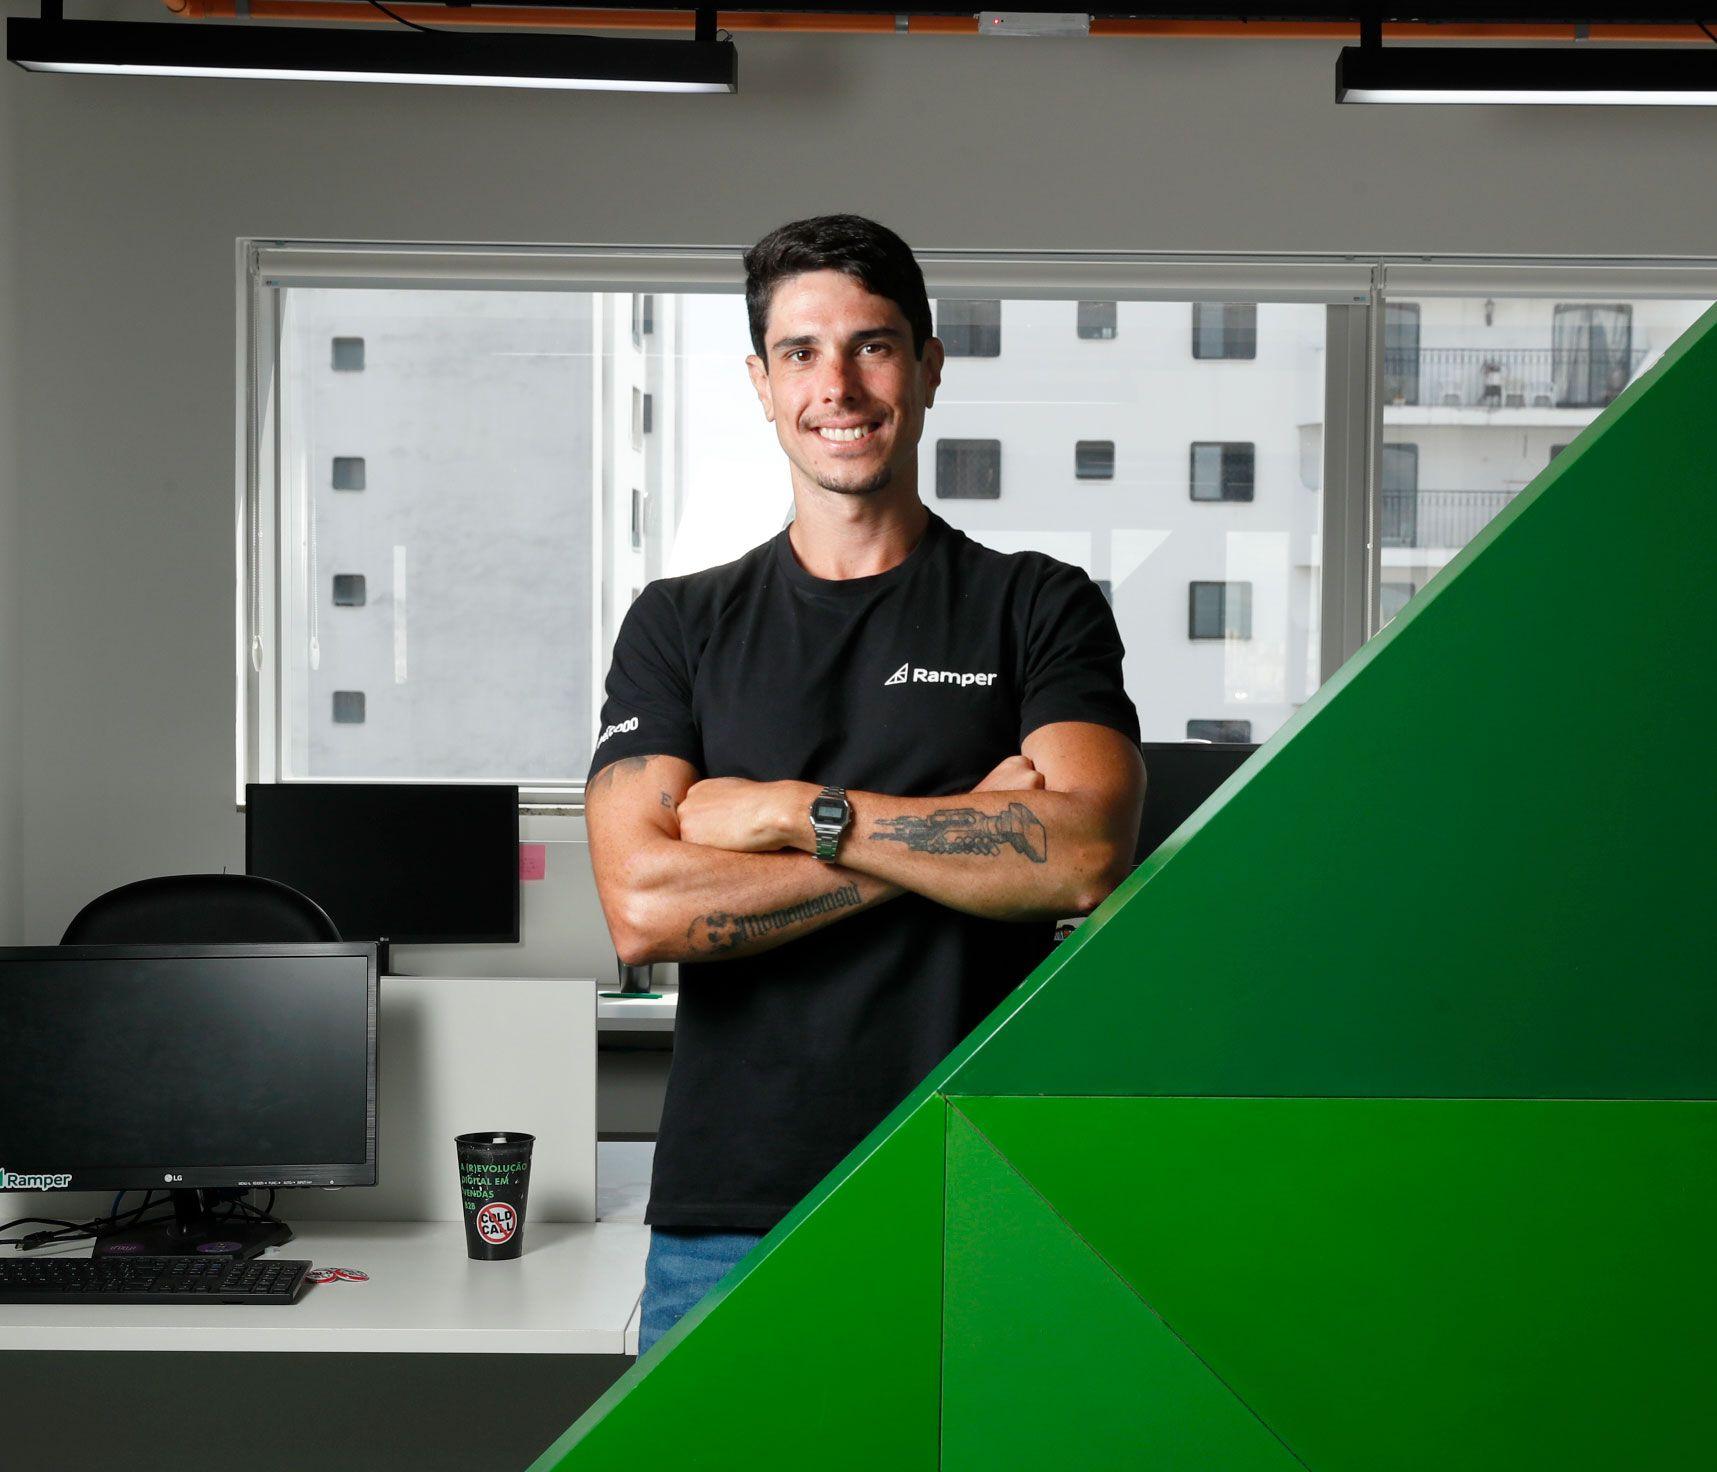 Ramper capta R$ 8 milhões em rodada liderada pela DOMO Invest para digitalizar as vendas B2B